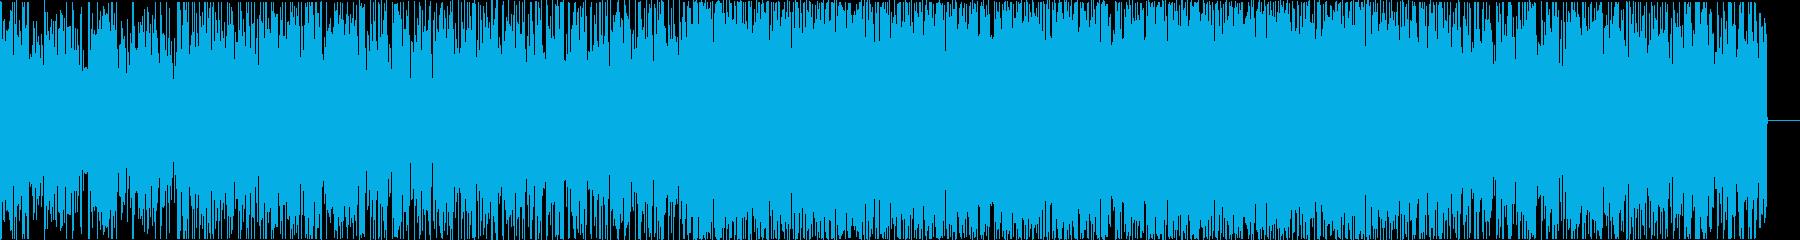 シンプル、シネマティック、エレクトロの再生済みの波形